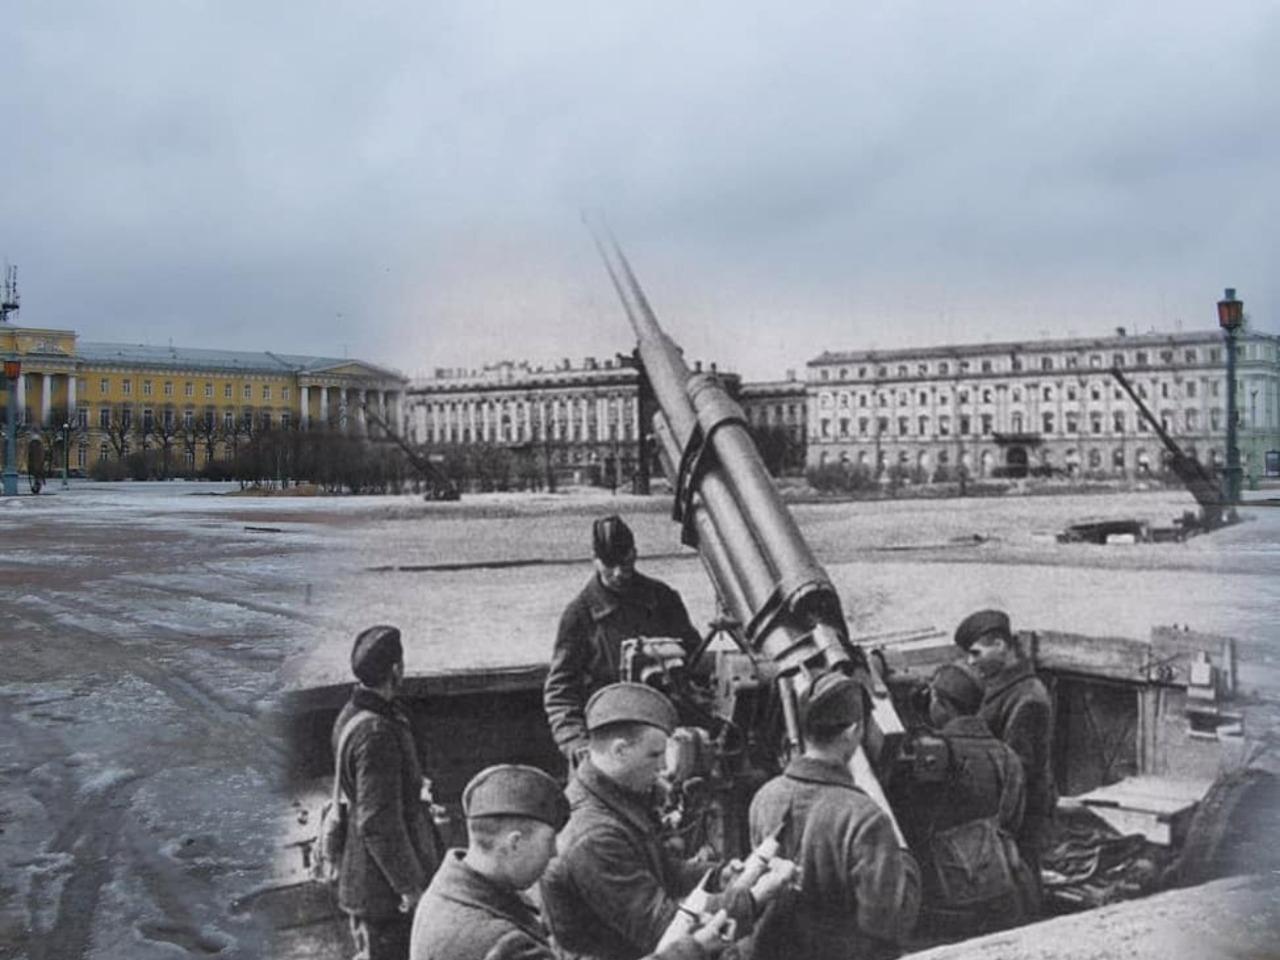 Блокадный Ленинград - индивидуальная экскурсия по Санкт-Петербургу от опытного гида